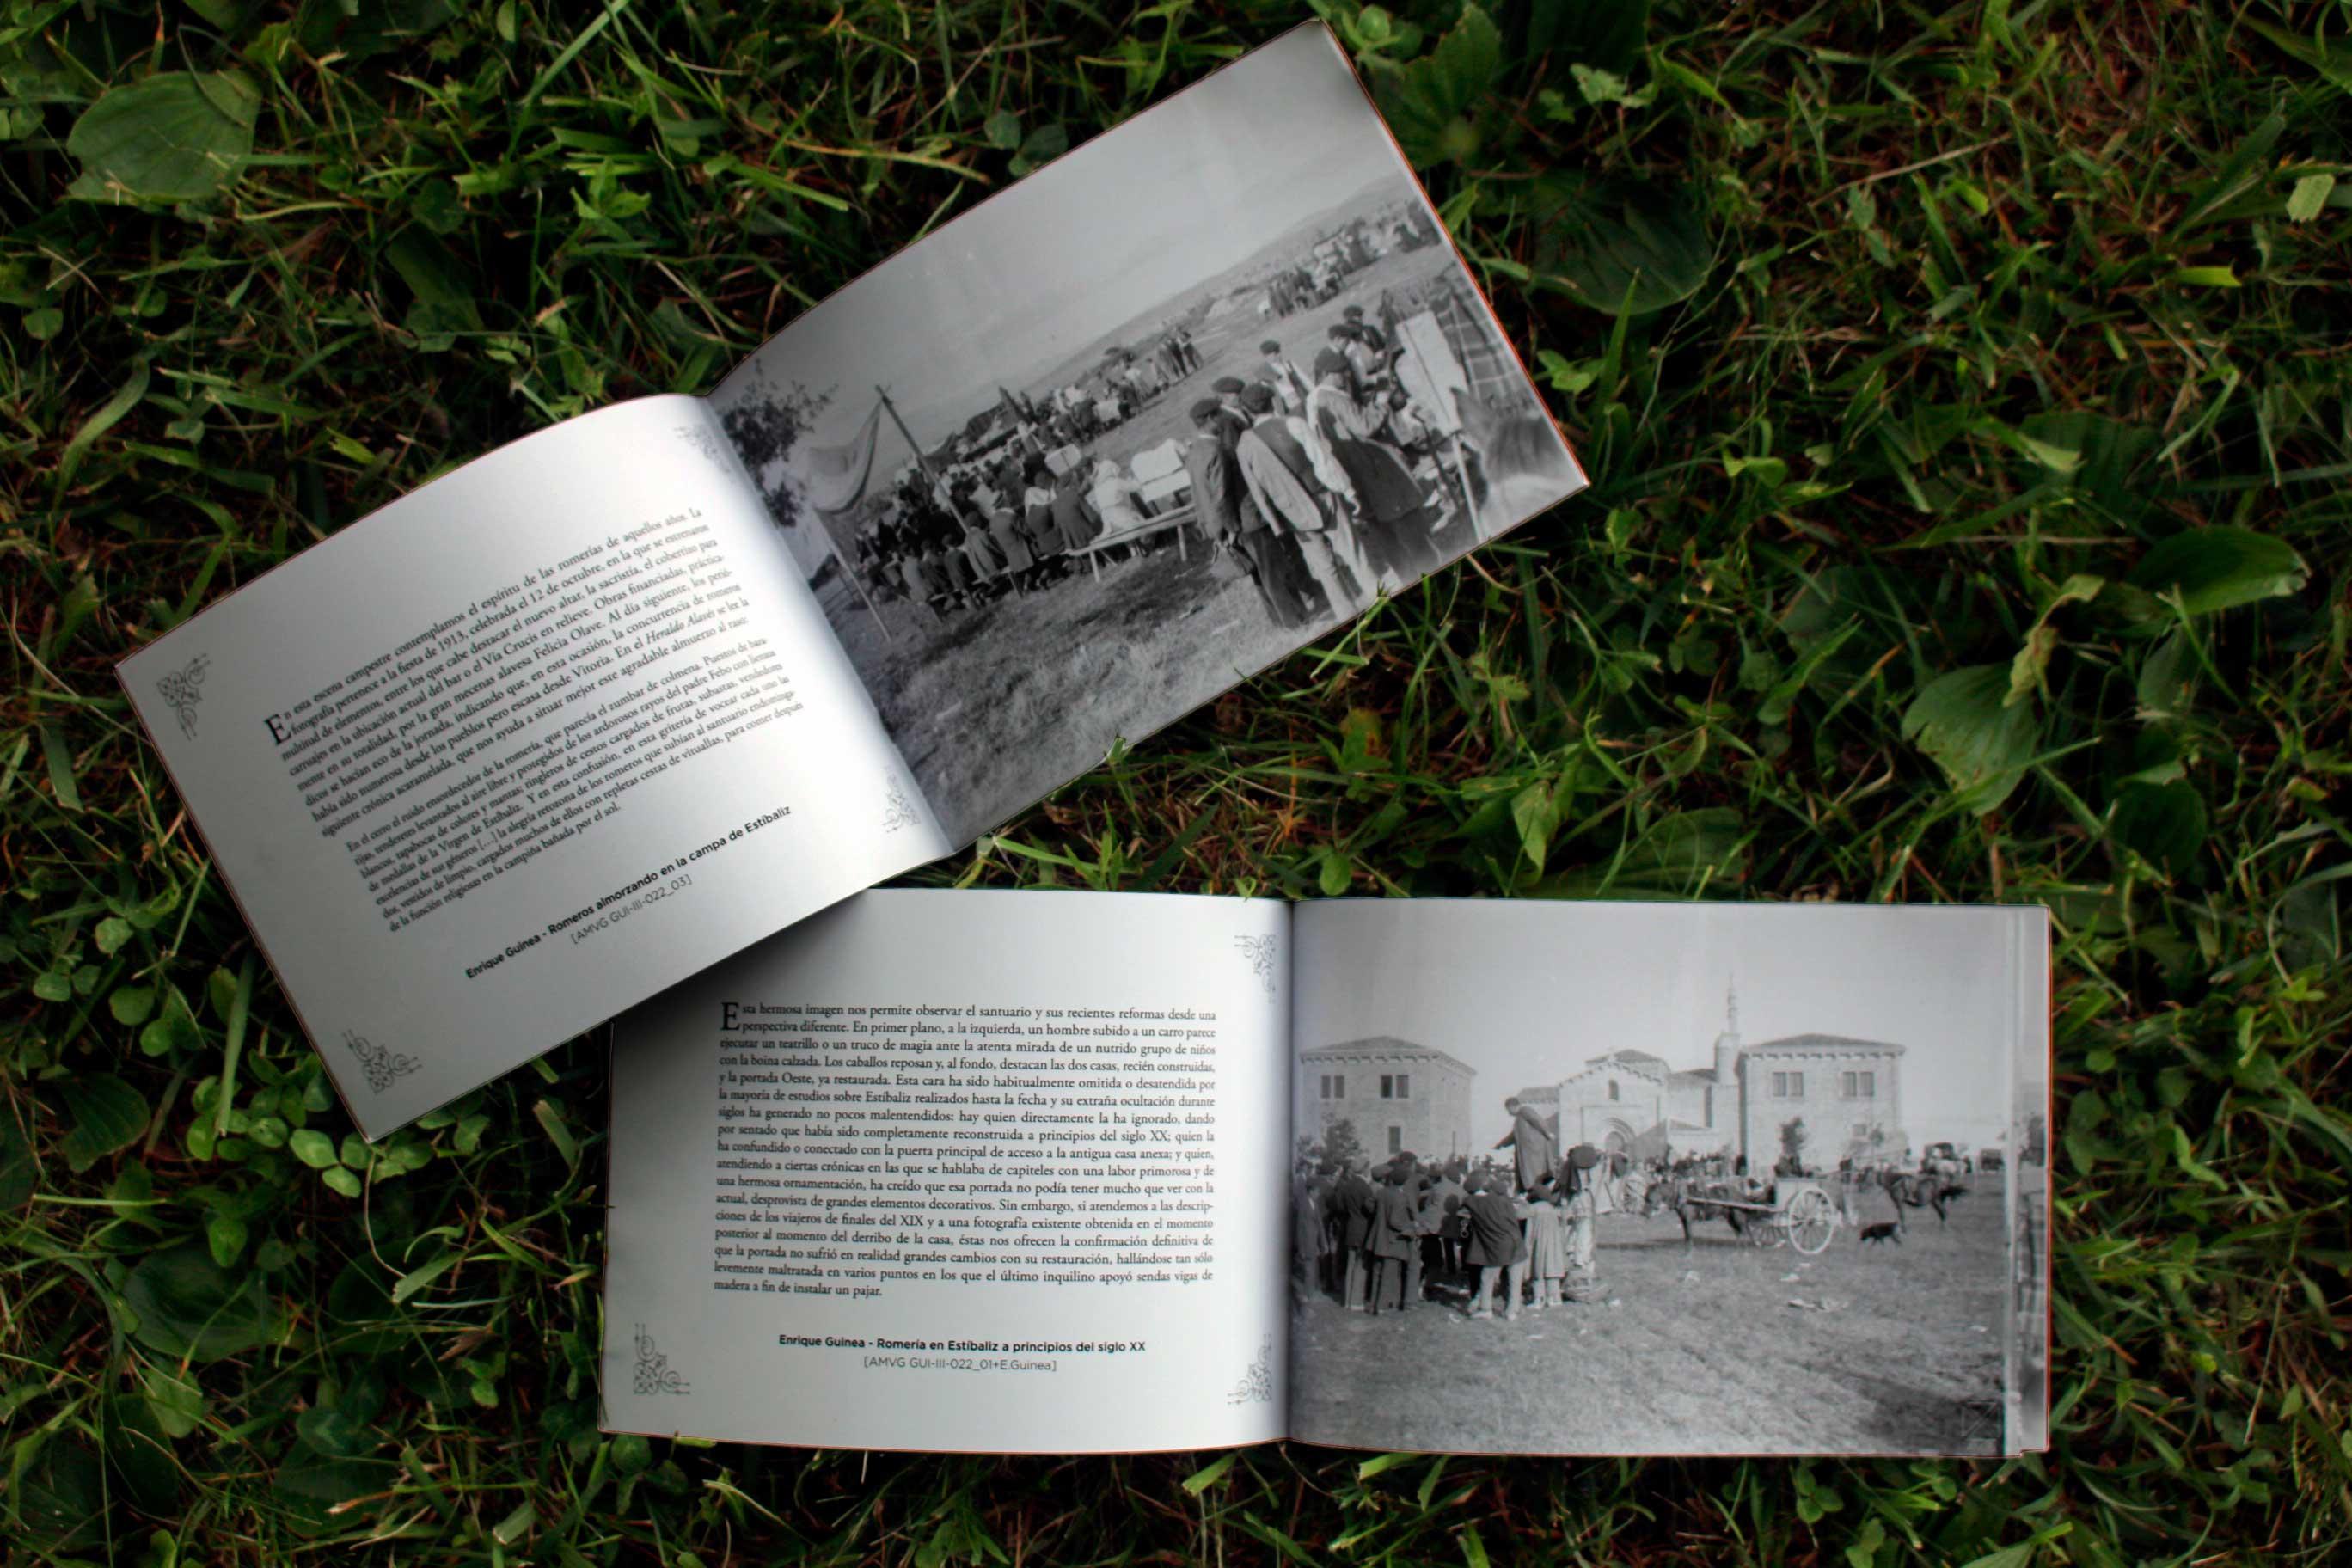 """Catálogo de la exposición """"Mirando al pasado. Fiesta y tradiciones en Estíbaliz"""""""